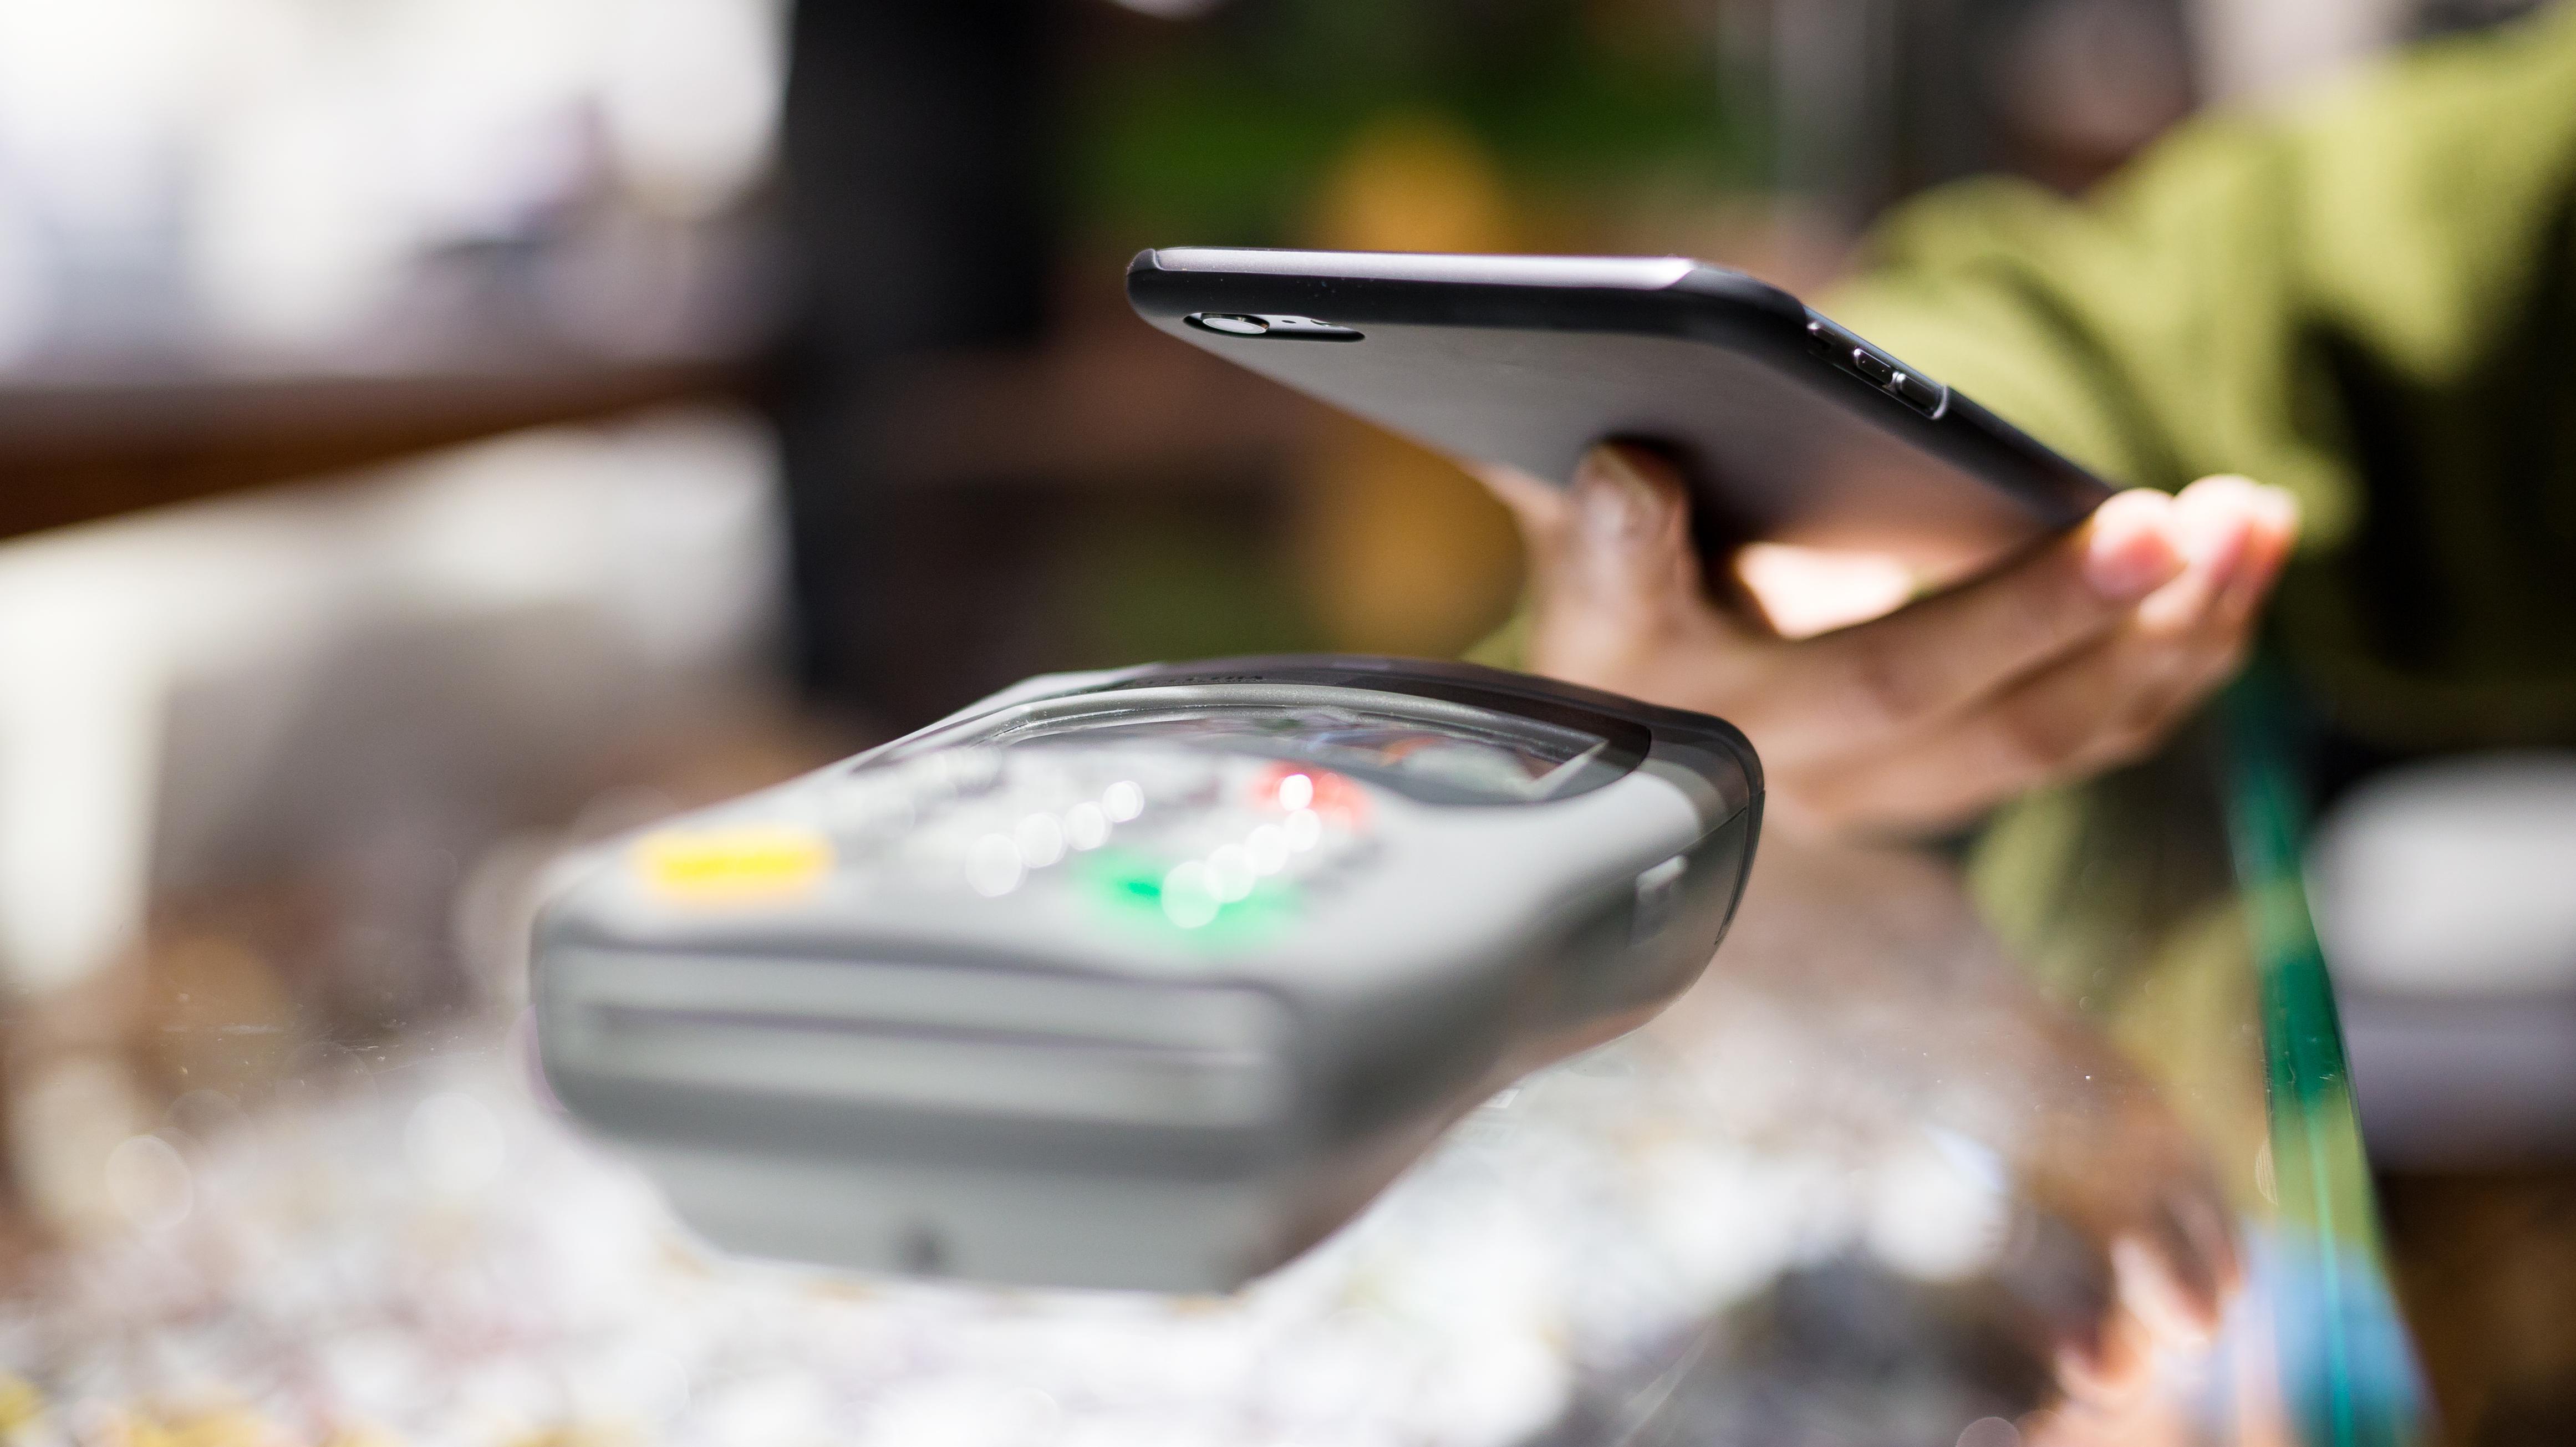 lebensmittelzeitung.net - Mobile Payment: Handel und Banken schmieden Allianz